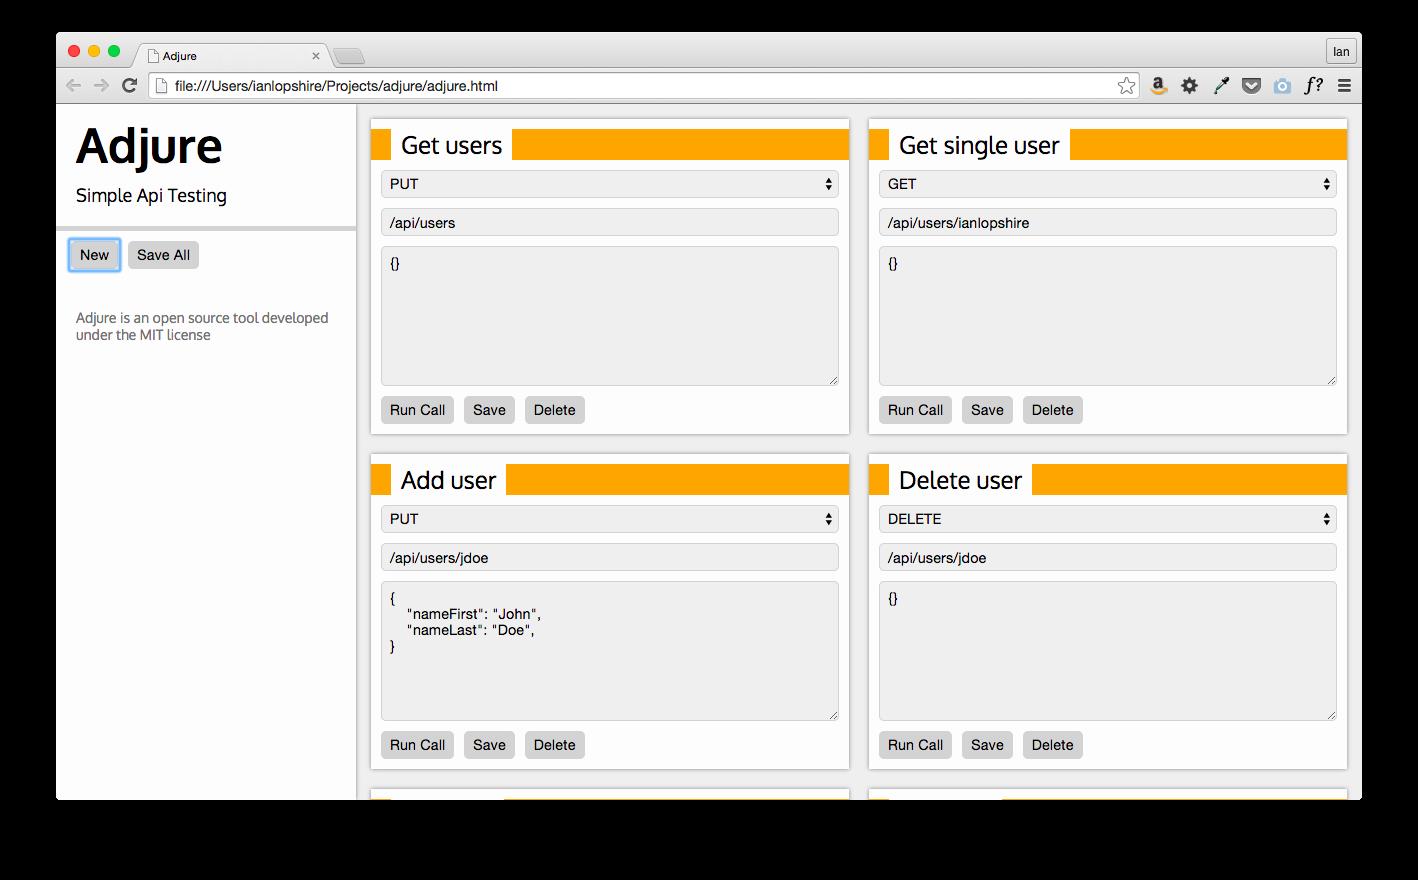 Adjure - Simple API Testing